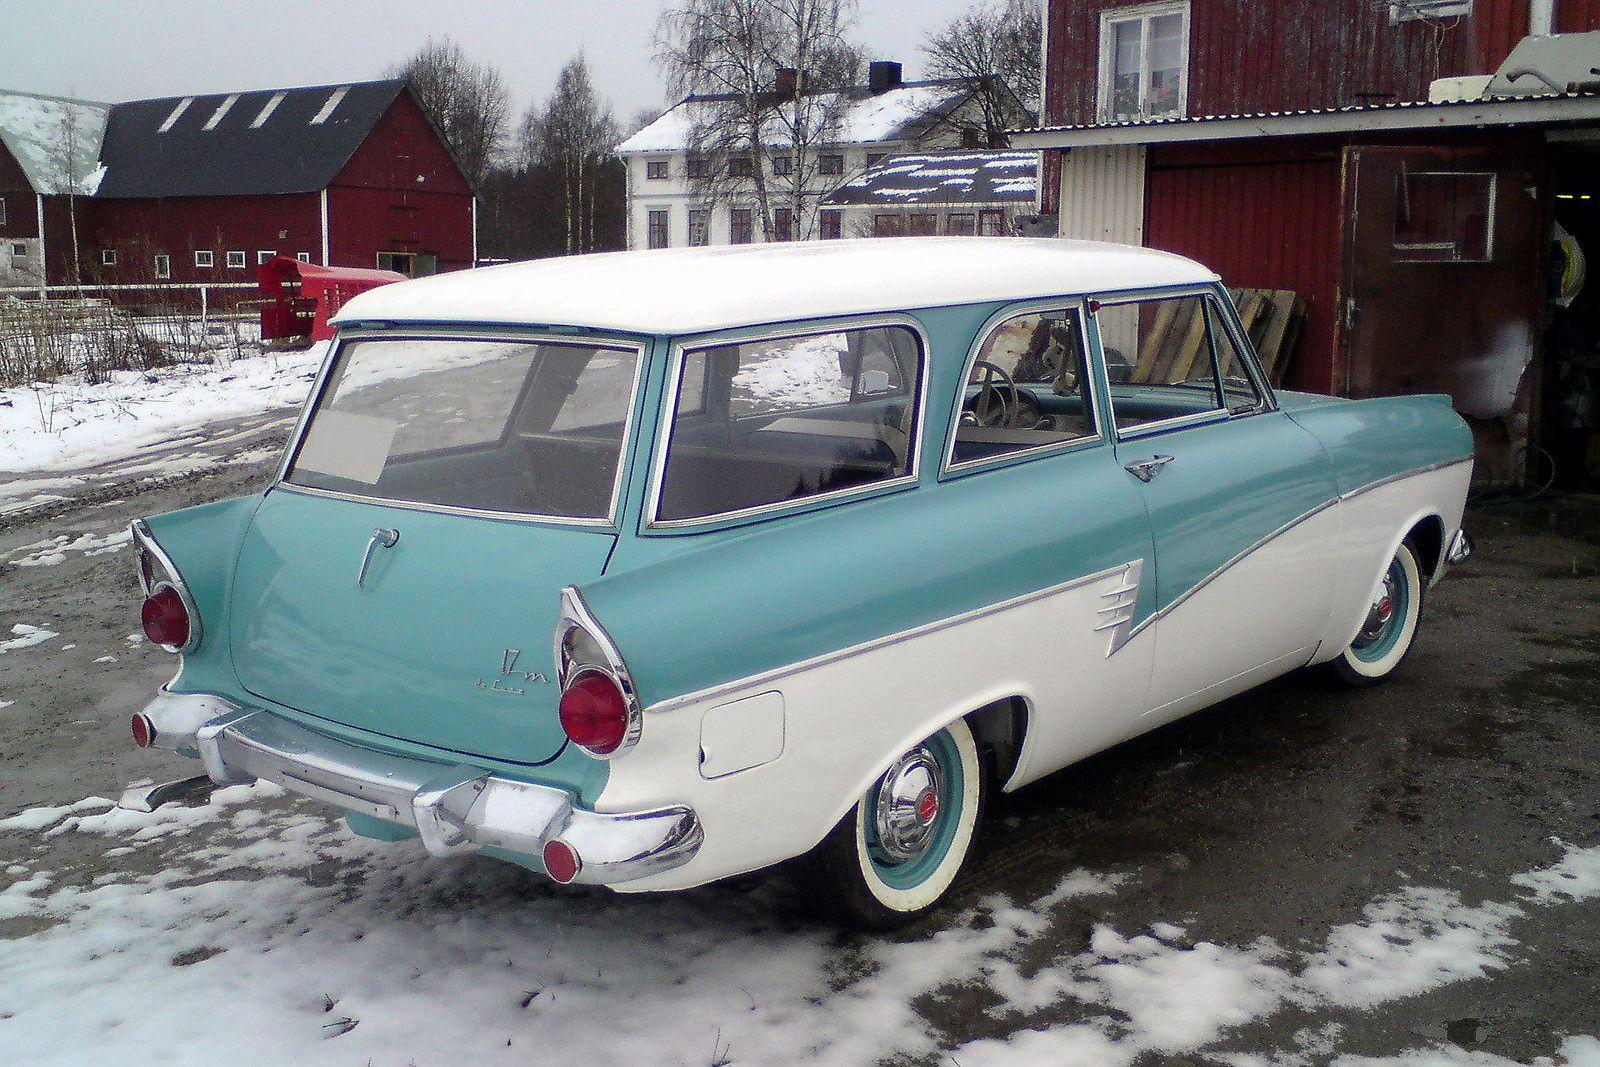 1958 Ford Taunus 17m De Luxe Turnier